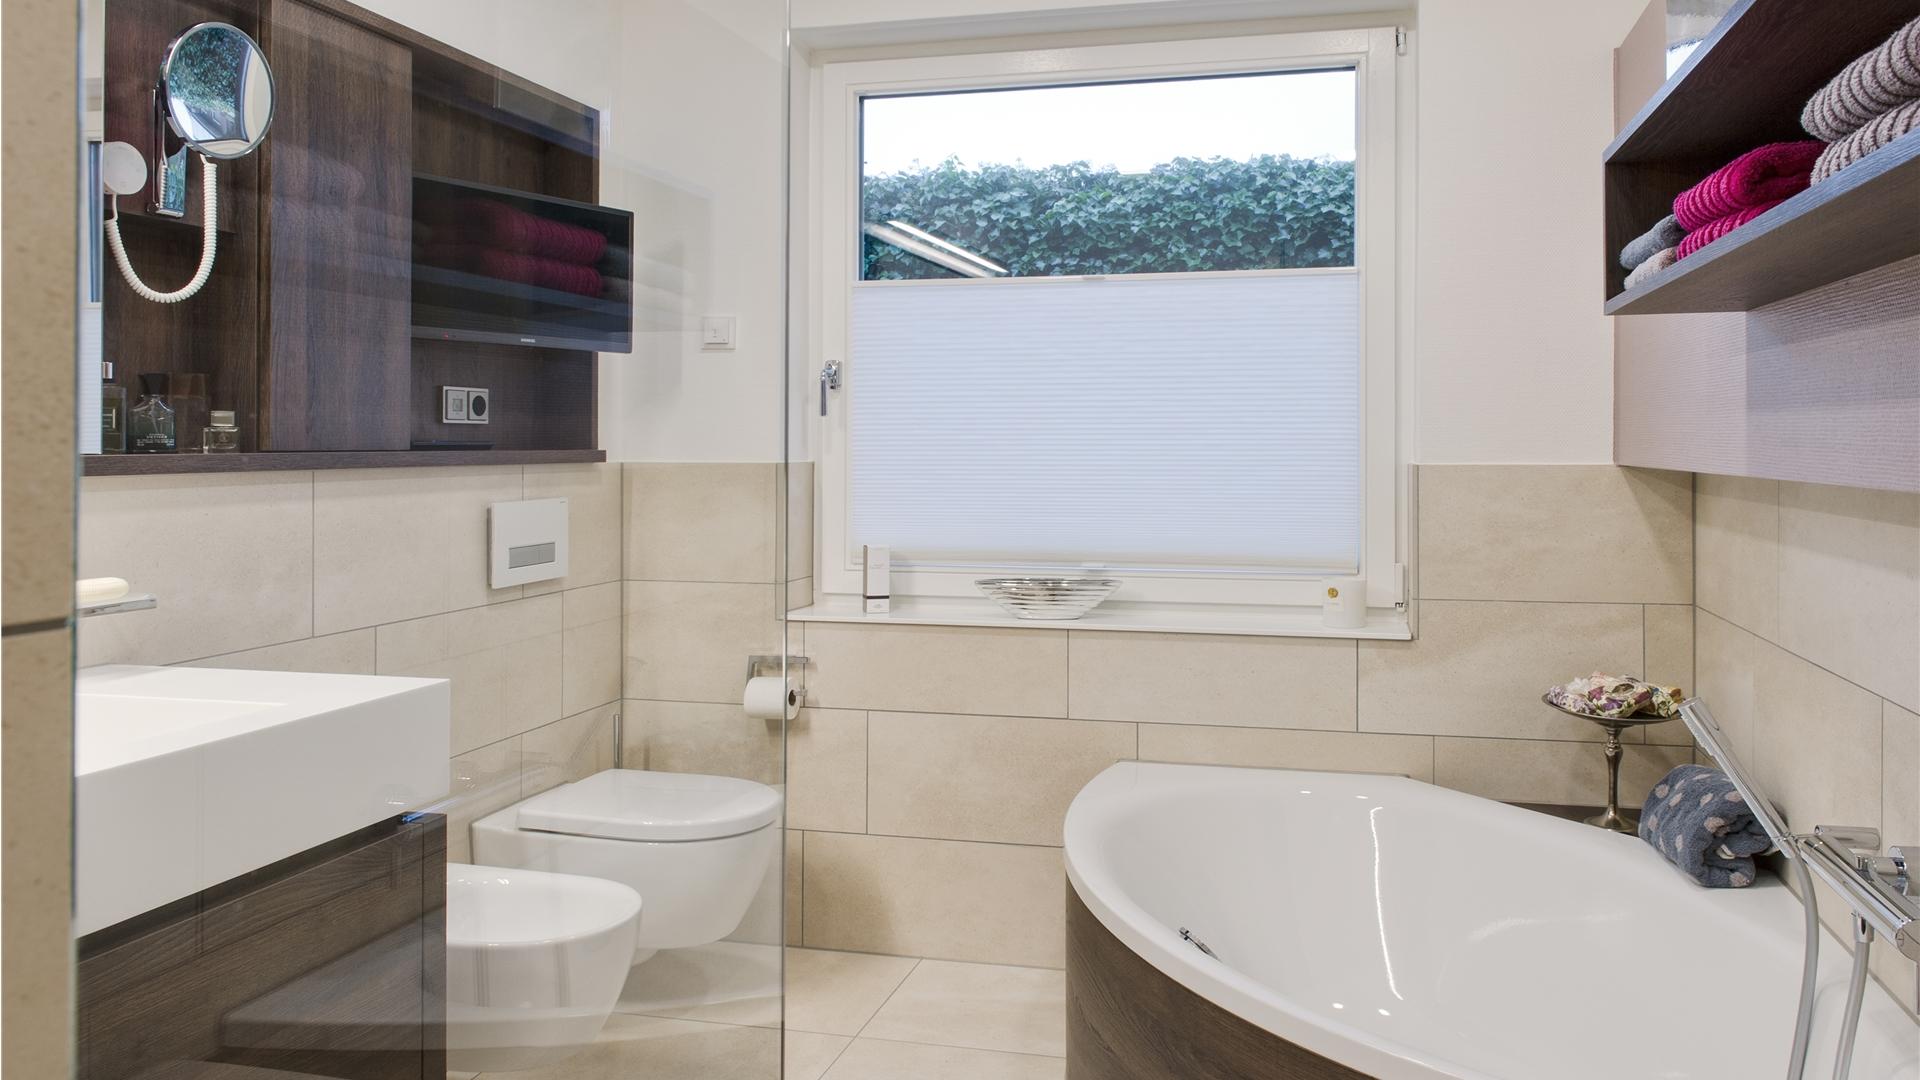 Bad mit Wanne und eingebautem Fernseher